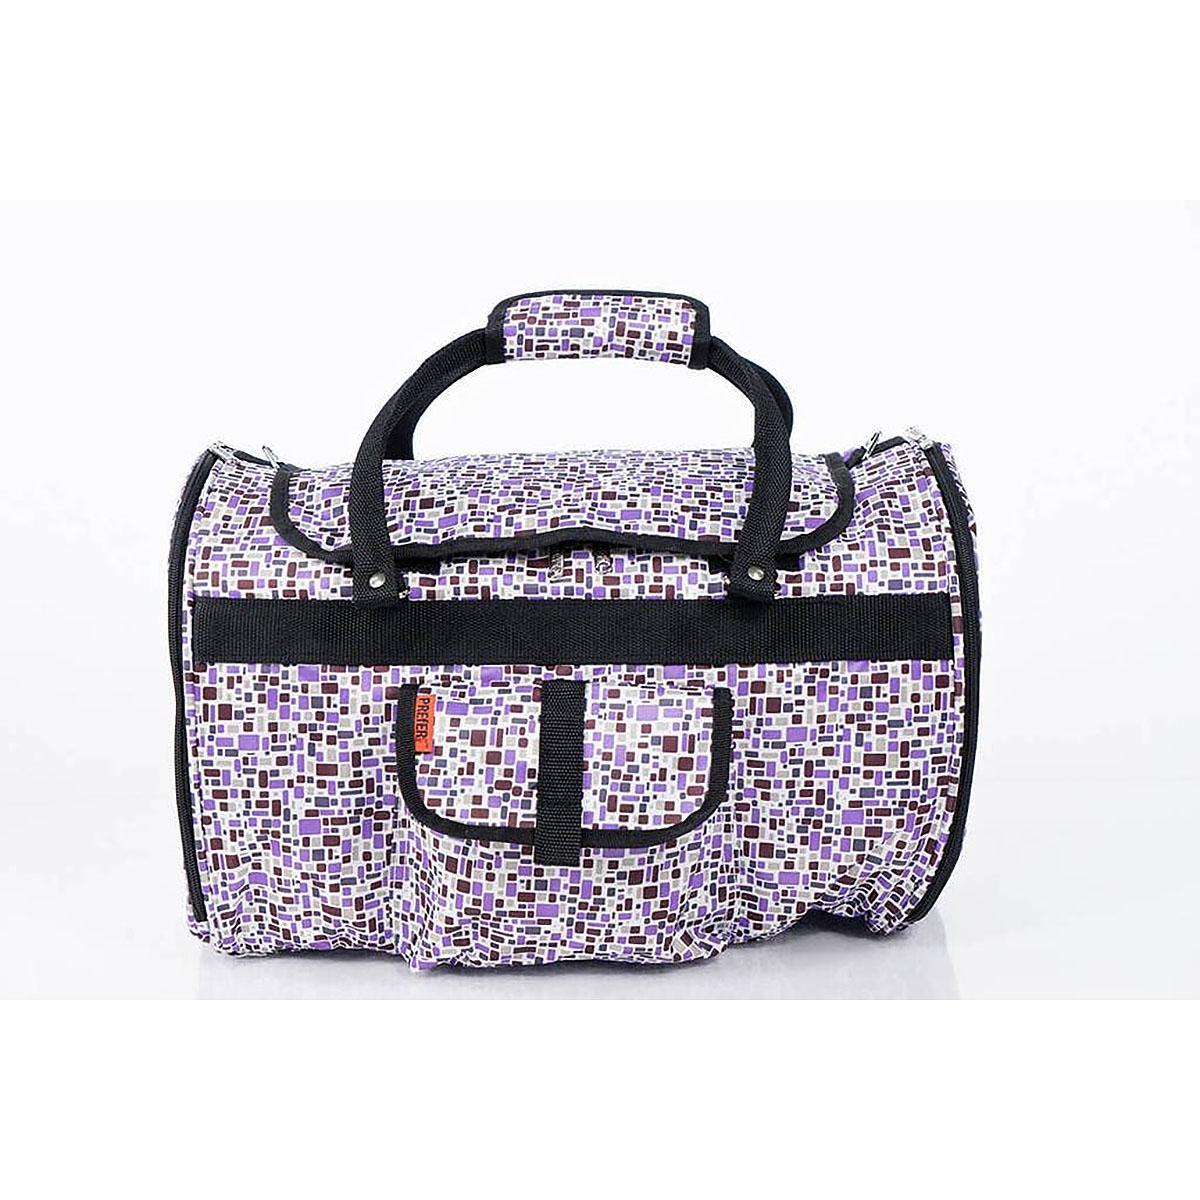 Prefer Pets Hideaway Duffel Dog Carrier - Purple Mosaic